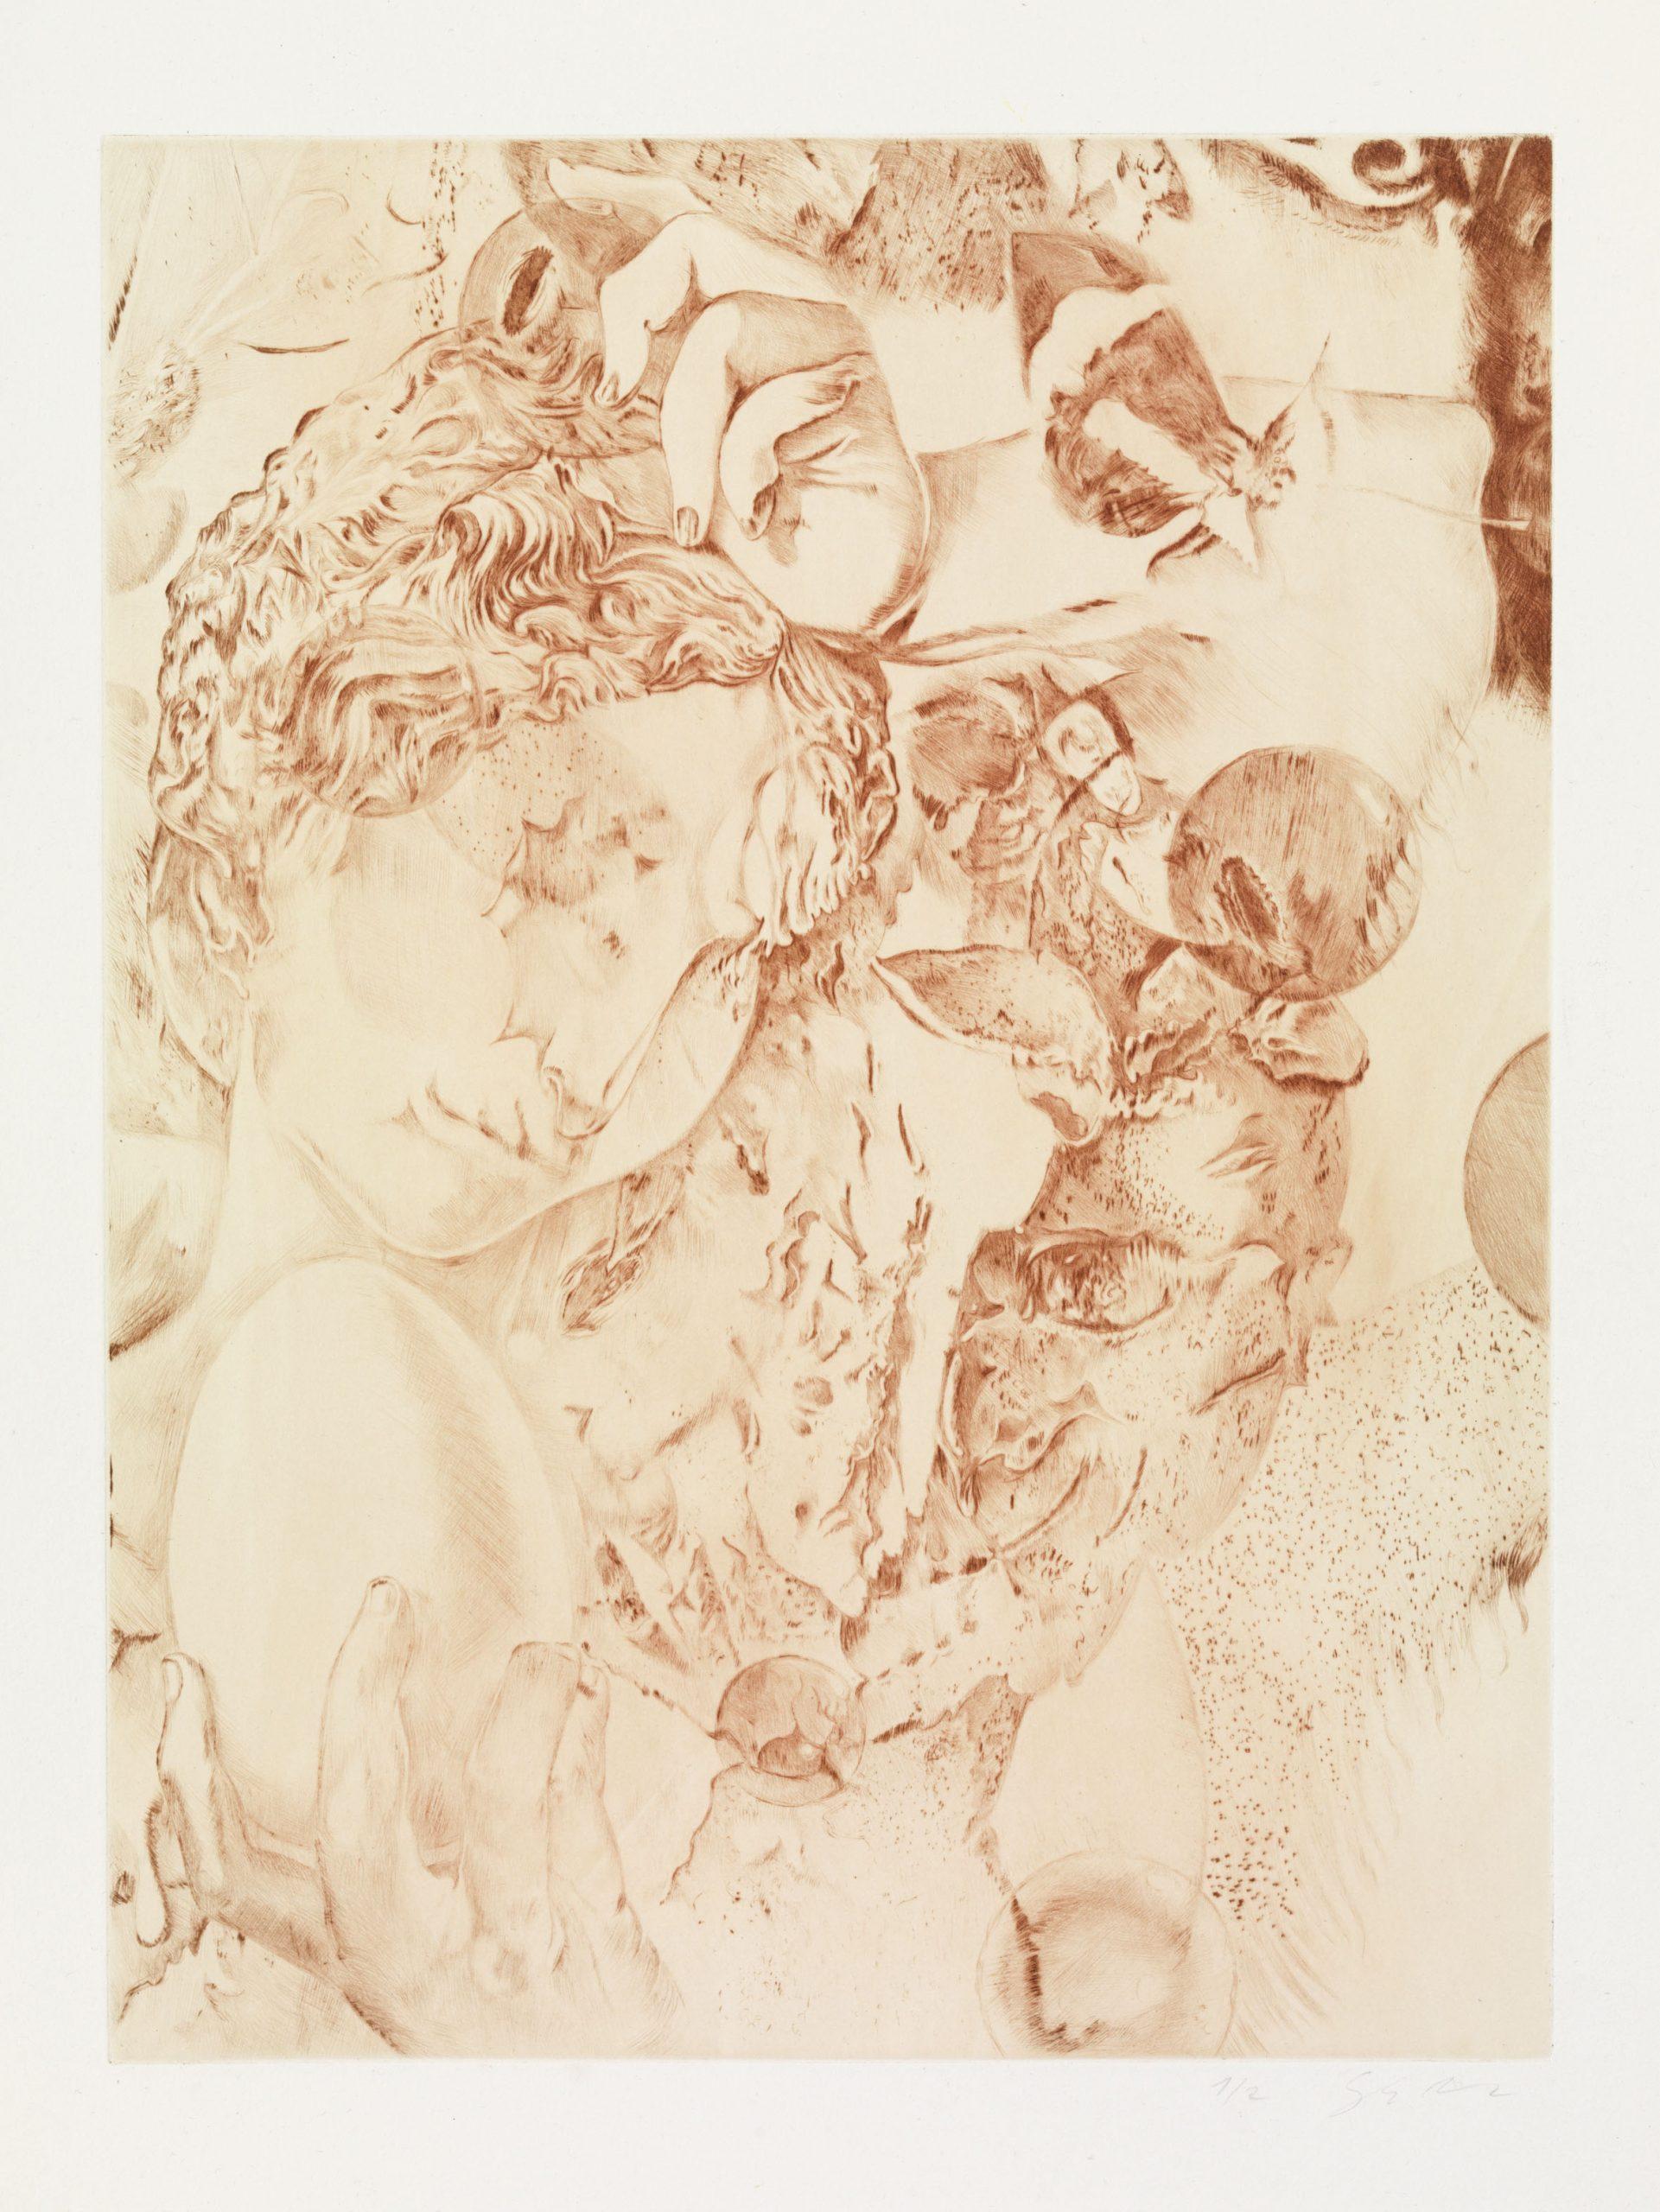 Dennis Scholl Artist Etching